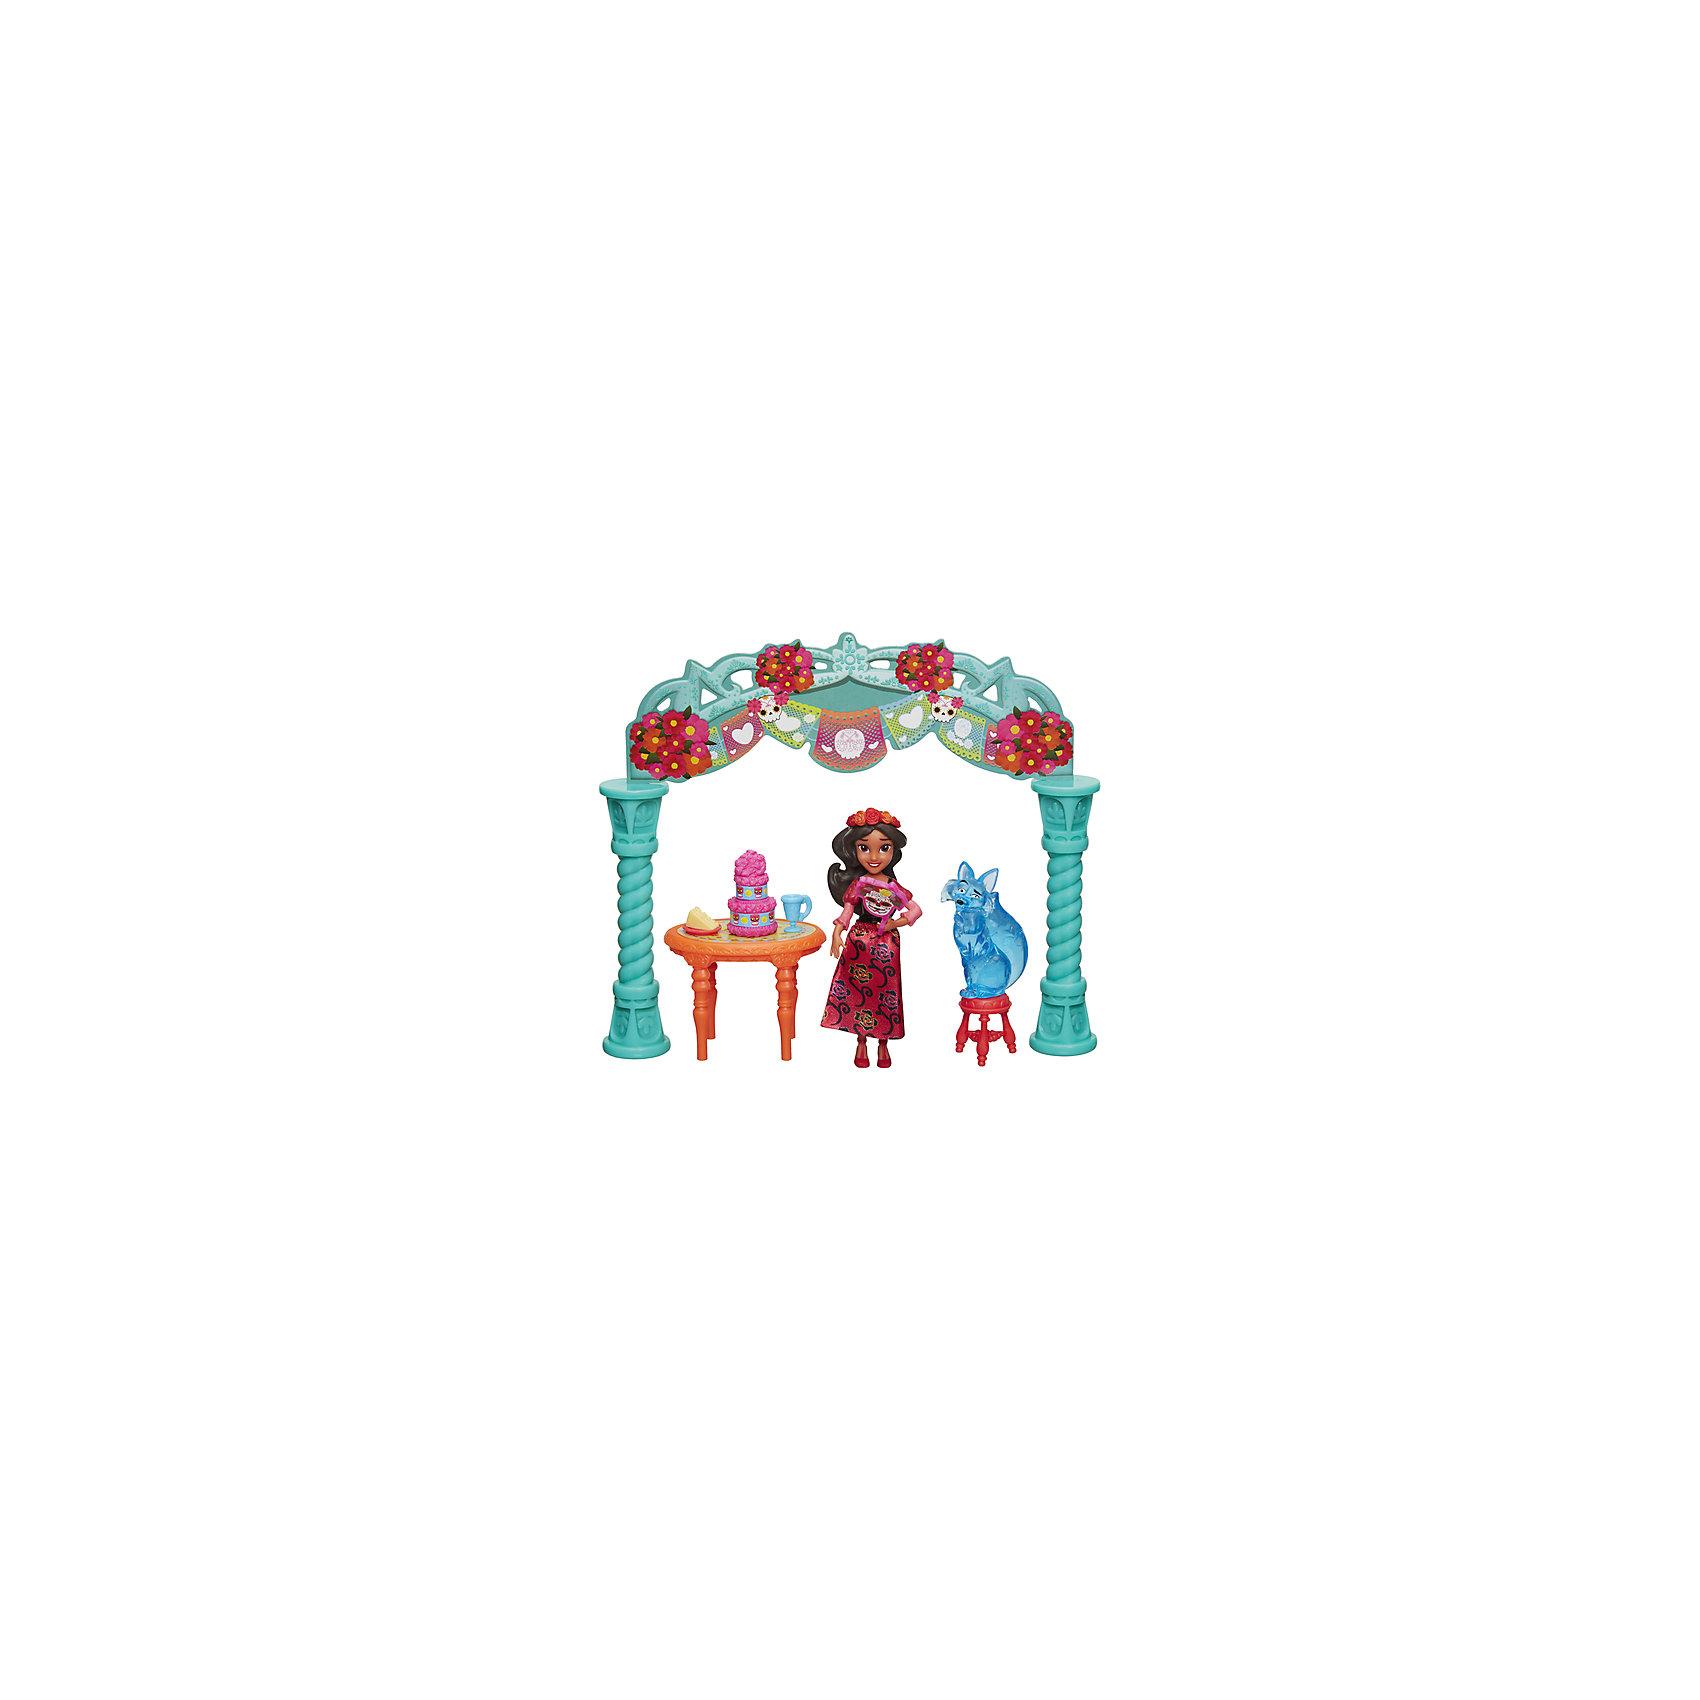 Набор с мини-куклой Hasbro Елена - принцесса Авалона, Елена на праздникеПопулярные игрушки<br>Характеристики товара:<br><br>• возраст: от 4 лет;<br>• материал: пластик;<br>• в комплекте: кукла, аксессуары;<br>• размер упаковки: 23х20,3х5,4 см;<br>• вес упаковки: 149 гр.;<br>• страна производитель: Китай.<br><br>Игровой набор «Праздник Елены» Hasbro создан по мотивам известного мультсериала. Елена одета в яркое красное платье, туфельки, а голову украшает венок из роз. В набор входят ее друг Зузу, а также аксессуары, с которыми Елена может устроить чаепитие и пригласить друзей.<br><br>Игровой набор «Праздник Елены» Hasbro можно приобрести в нашем интернет-магазине.<br><br>Ширина мм: 9999<br>Глубина мм: 9999<br>Высота мм: 9999<br>Вес г: 9999<br>Возраст от месяцев: 48<br>Возраст до месяцев: 120<br>Пол: Женский<br>Возраст: Детский<br>SKU: 7097977